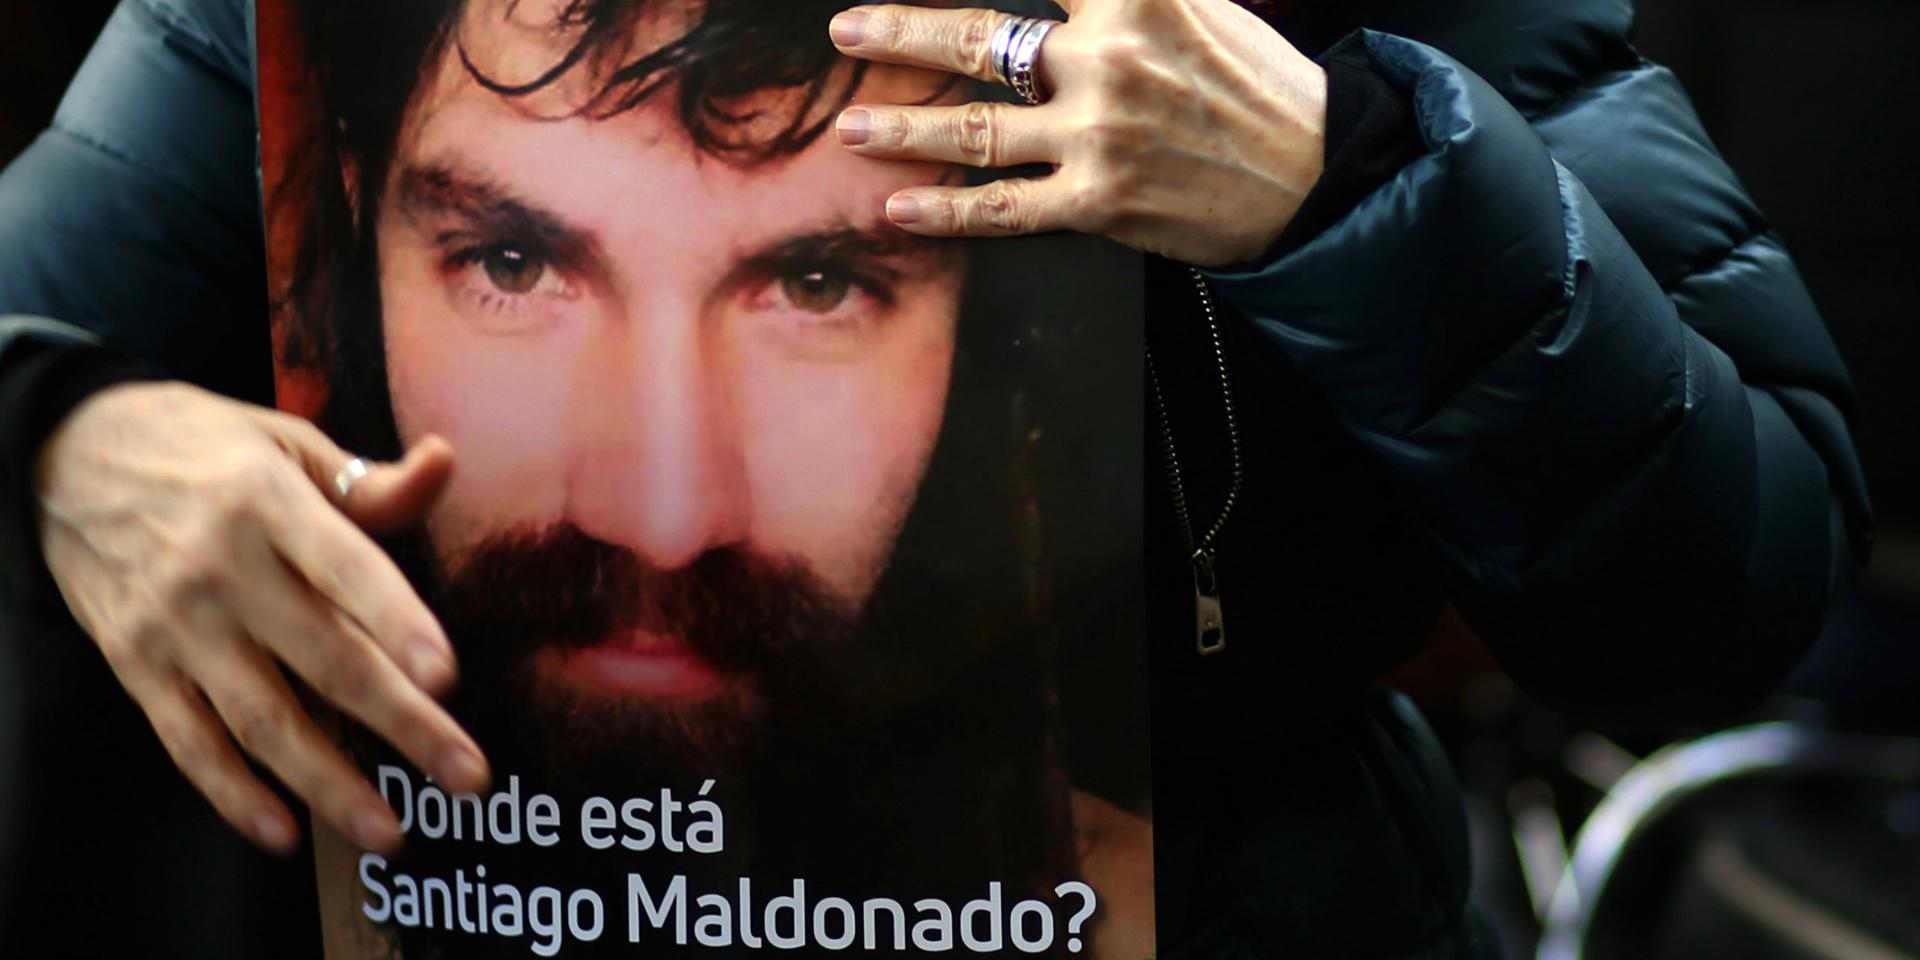 santiago-maldonado-desaparecido-en-argentina-y-omnipresente-en-las-redes-2